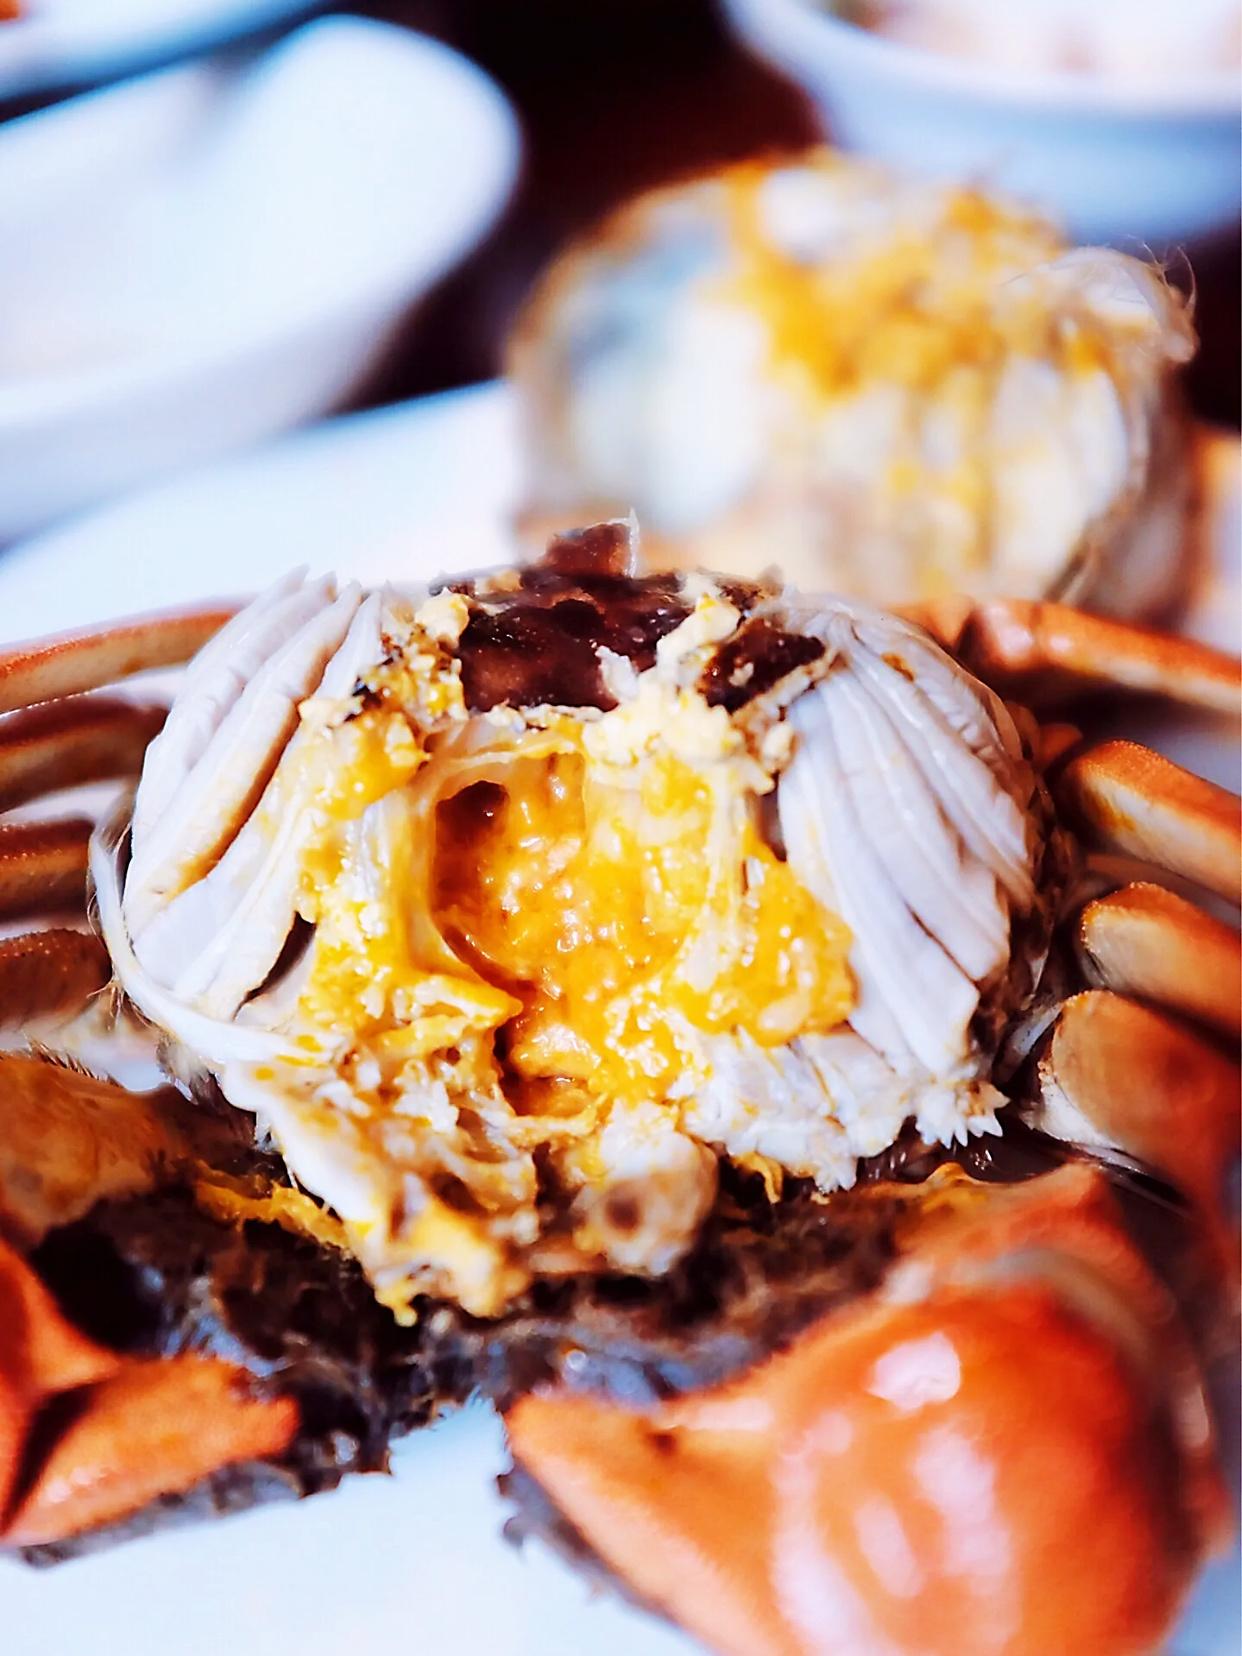 如果大闸蟹到货死了?怎么办?